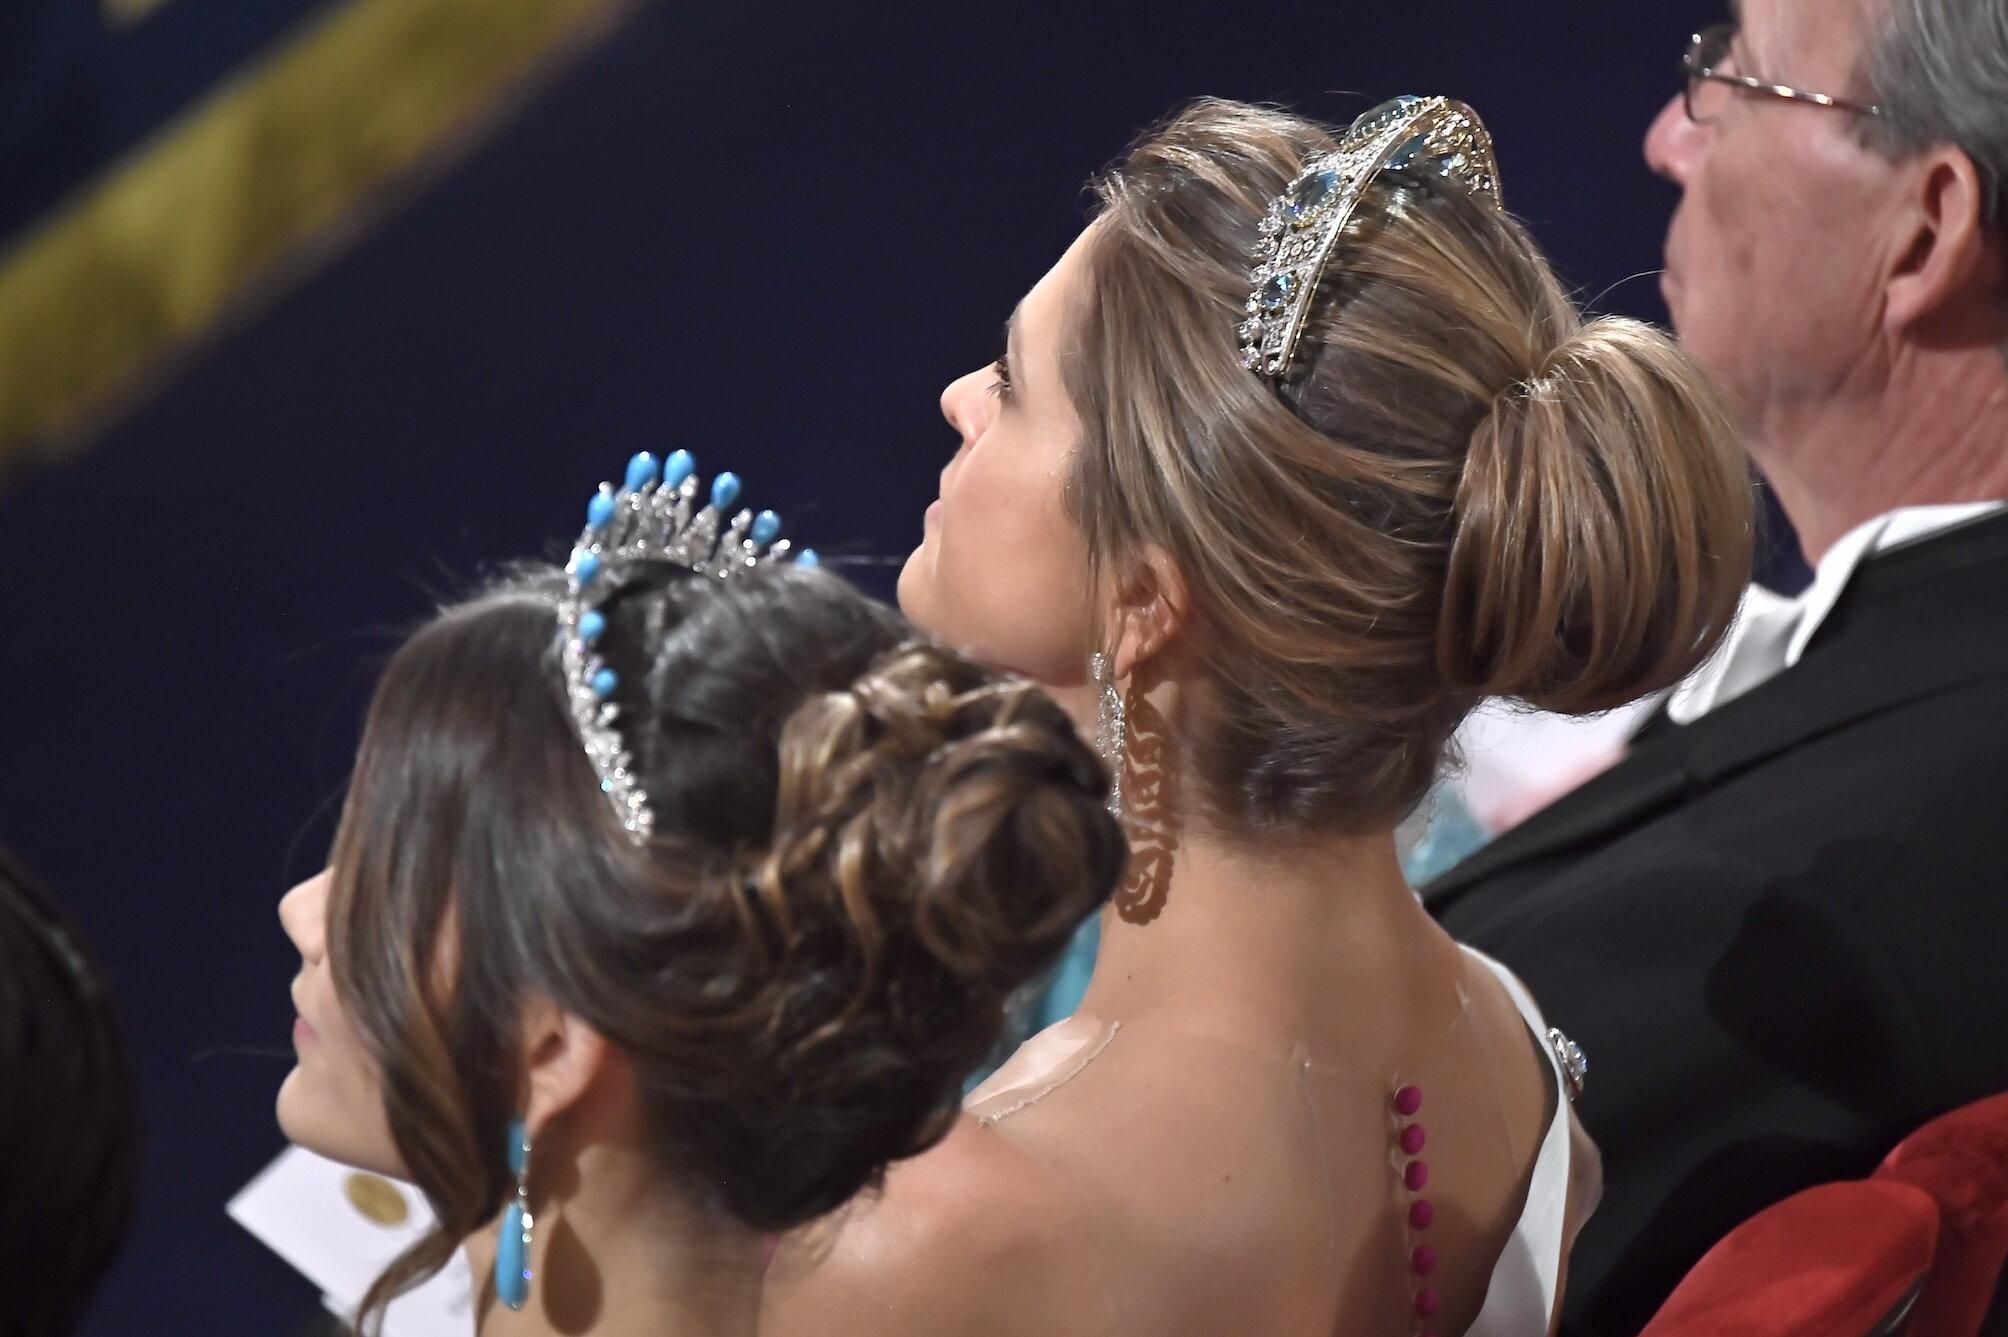 Auch ein schöner Rücken kann entzücken: Prinzessin Madeleine trägt eine auffällige Knopfleiste am Kleid.  ©picture alliance/TT NEWS AGENCY